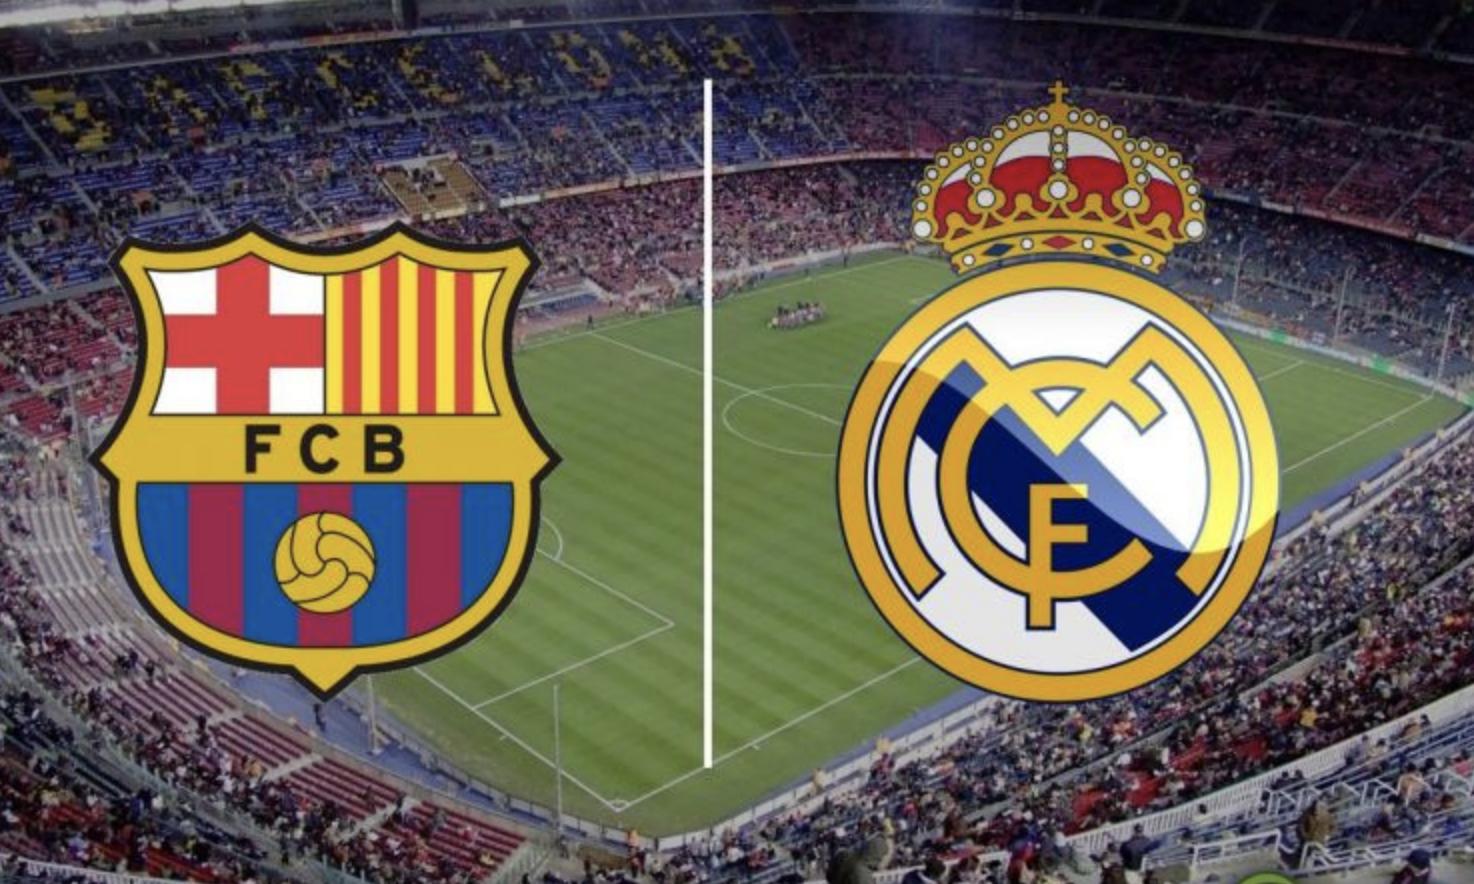 El Real Madrid se encuentra lejos del Barcelona, que lidera la Liga española.